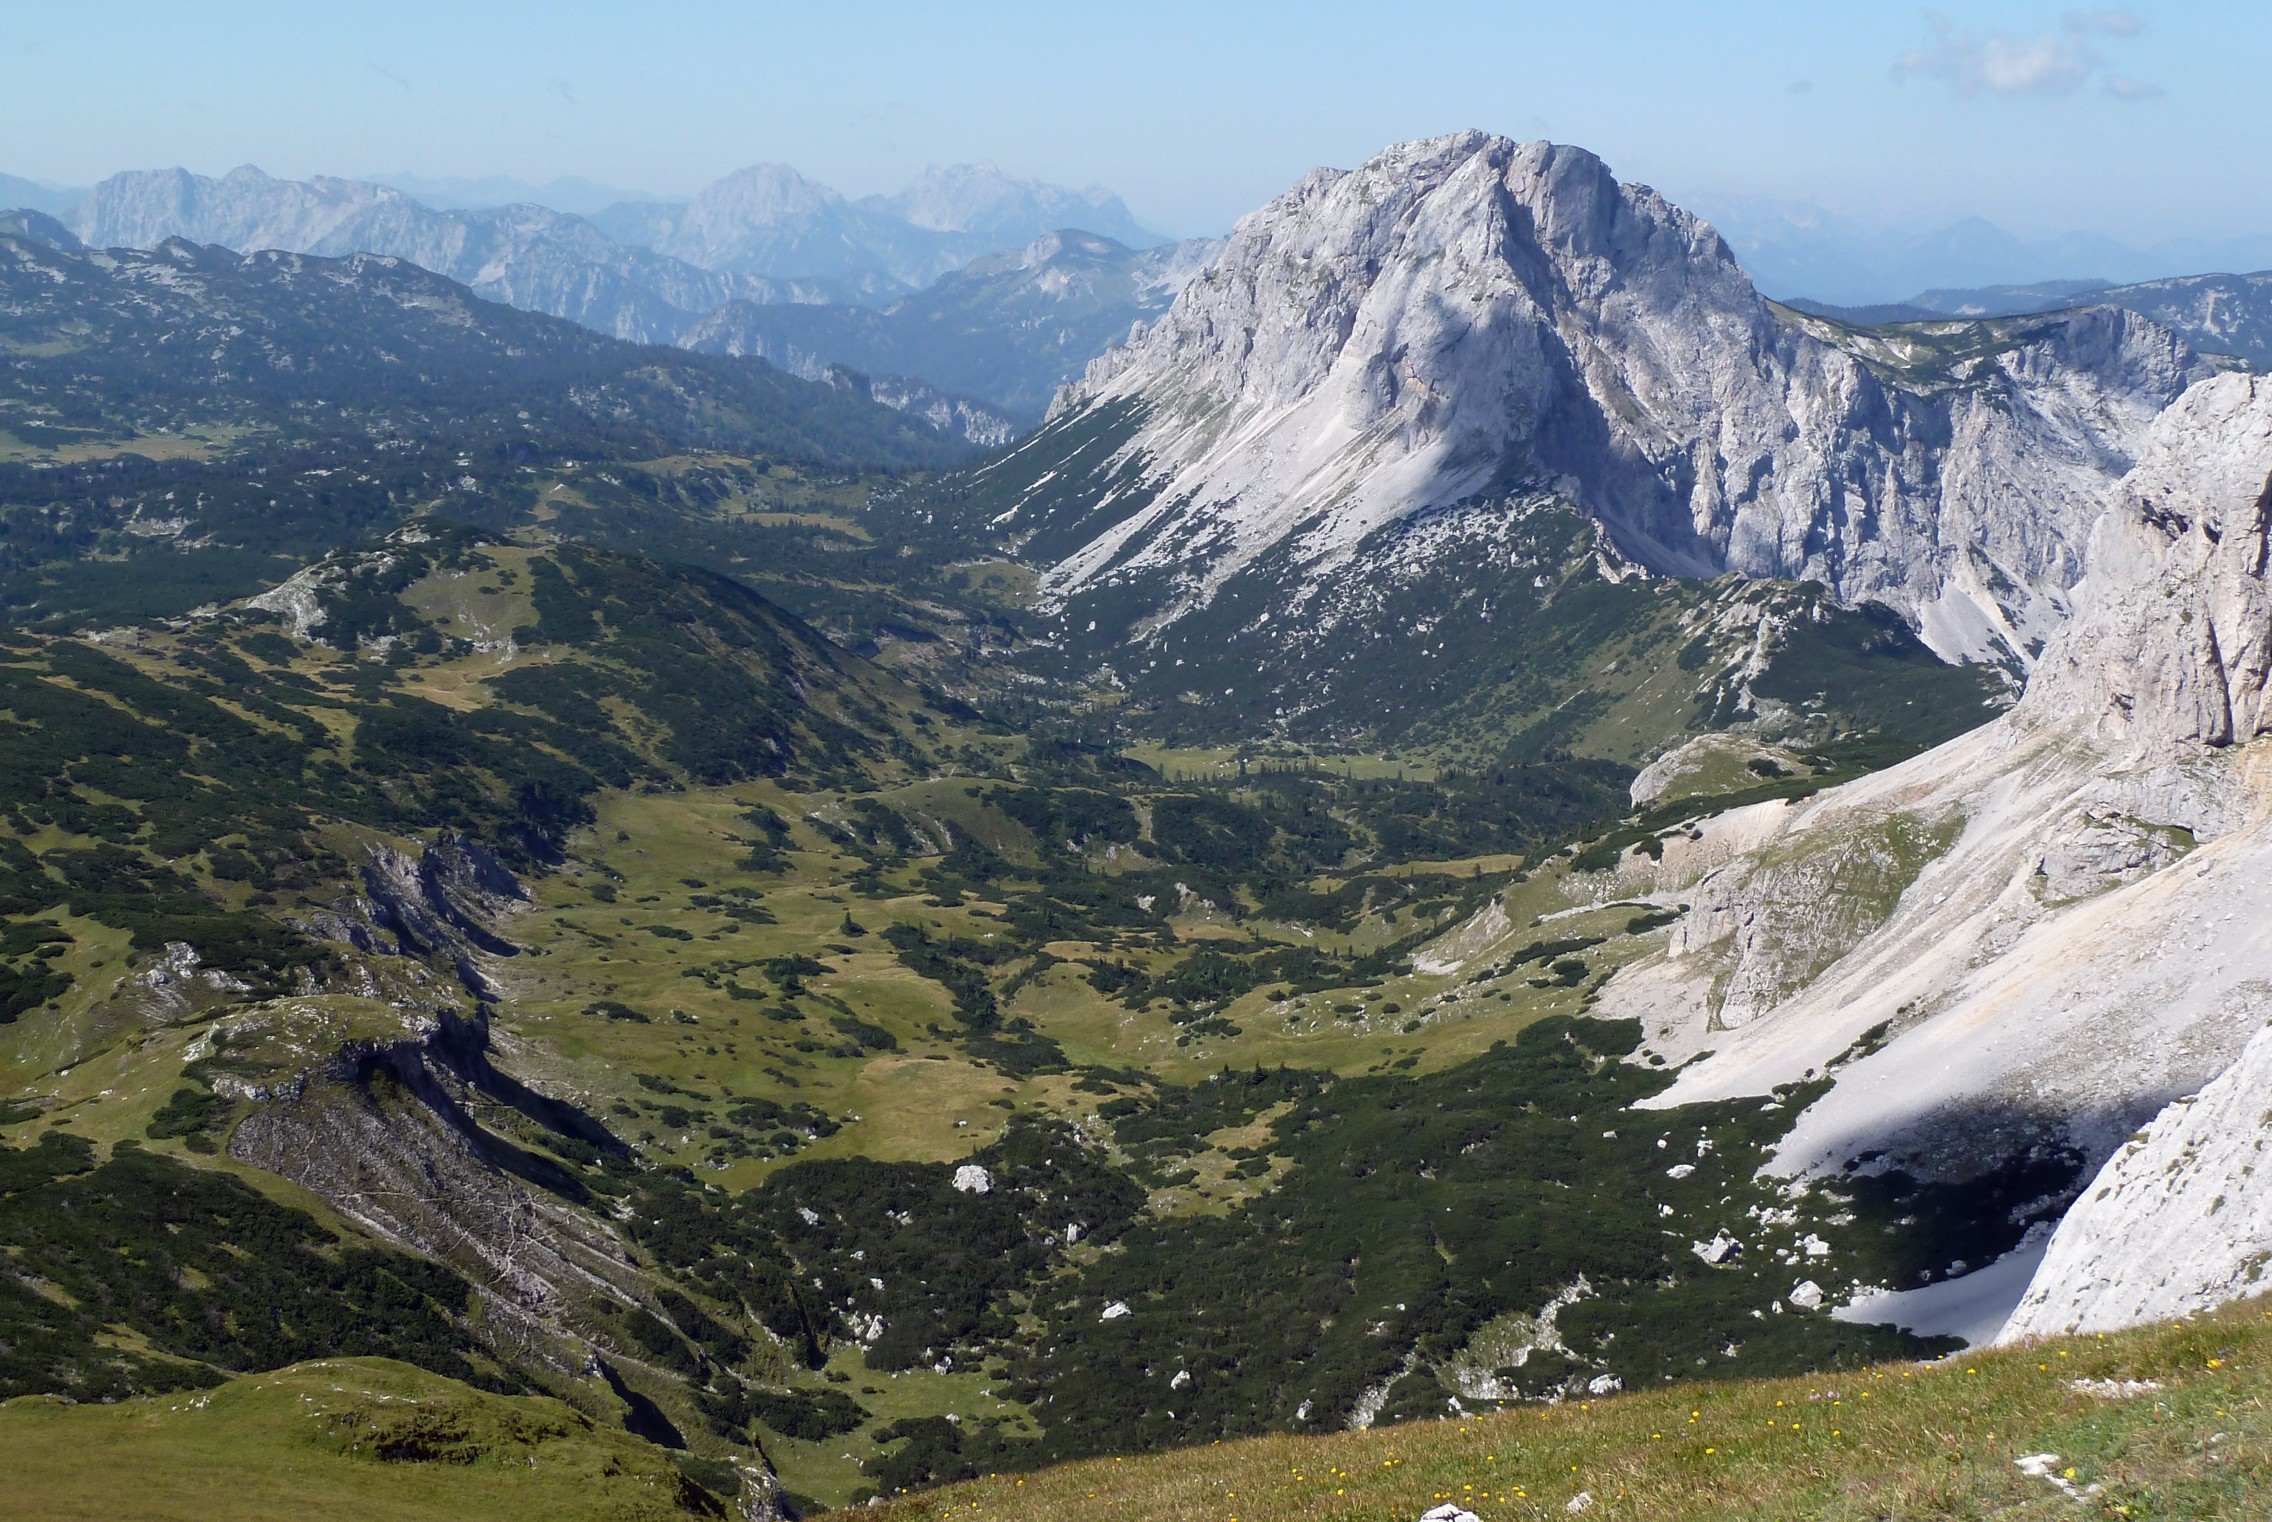 bergwanderung zum ebenstein 21 8 2011 thumbs 2 png